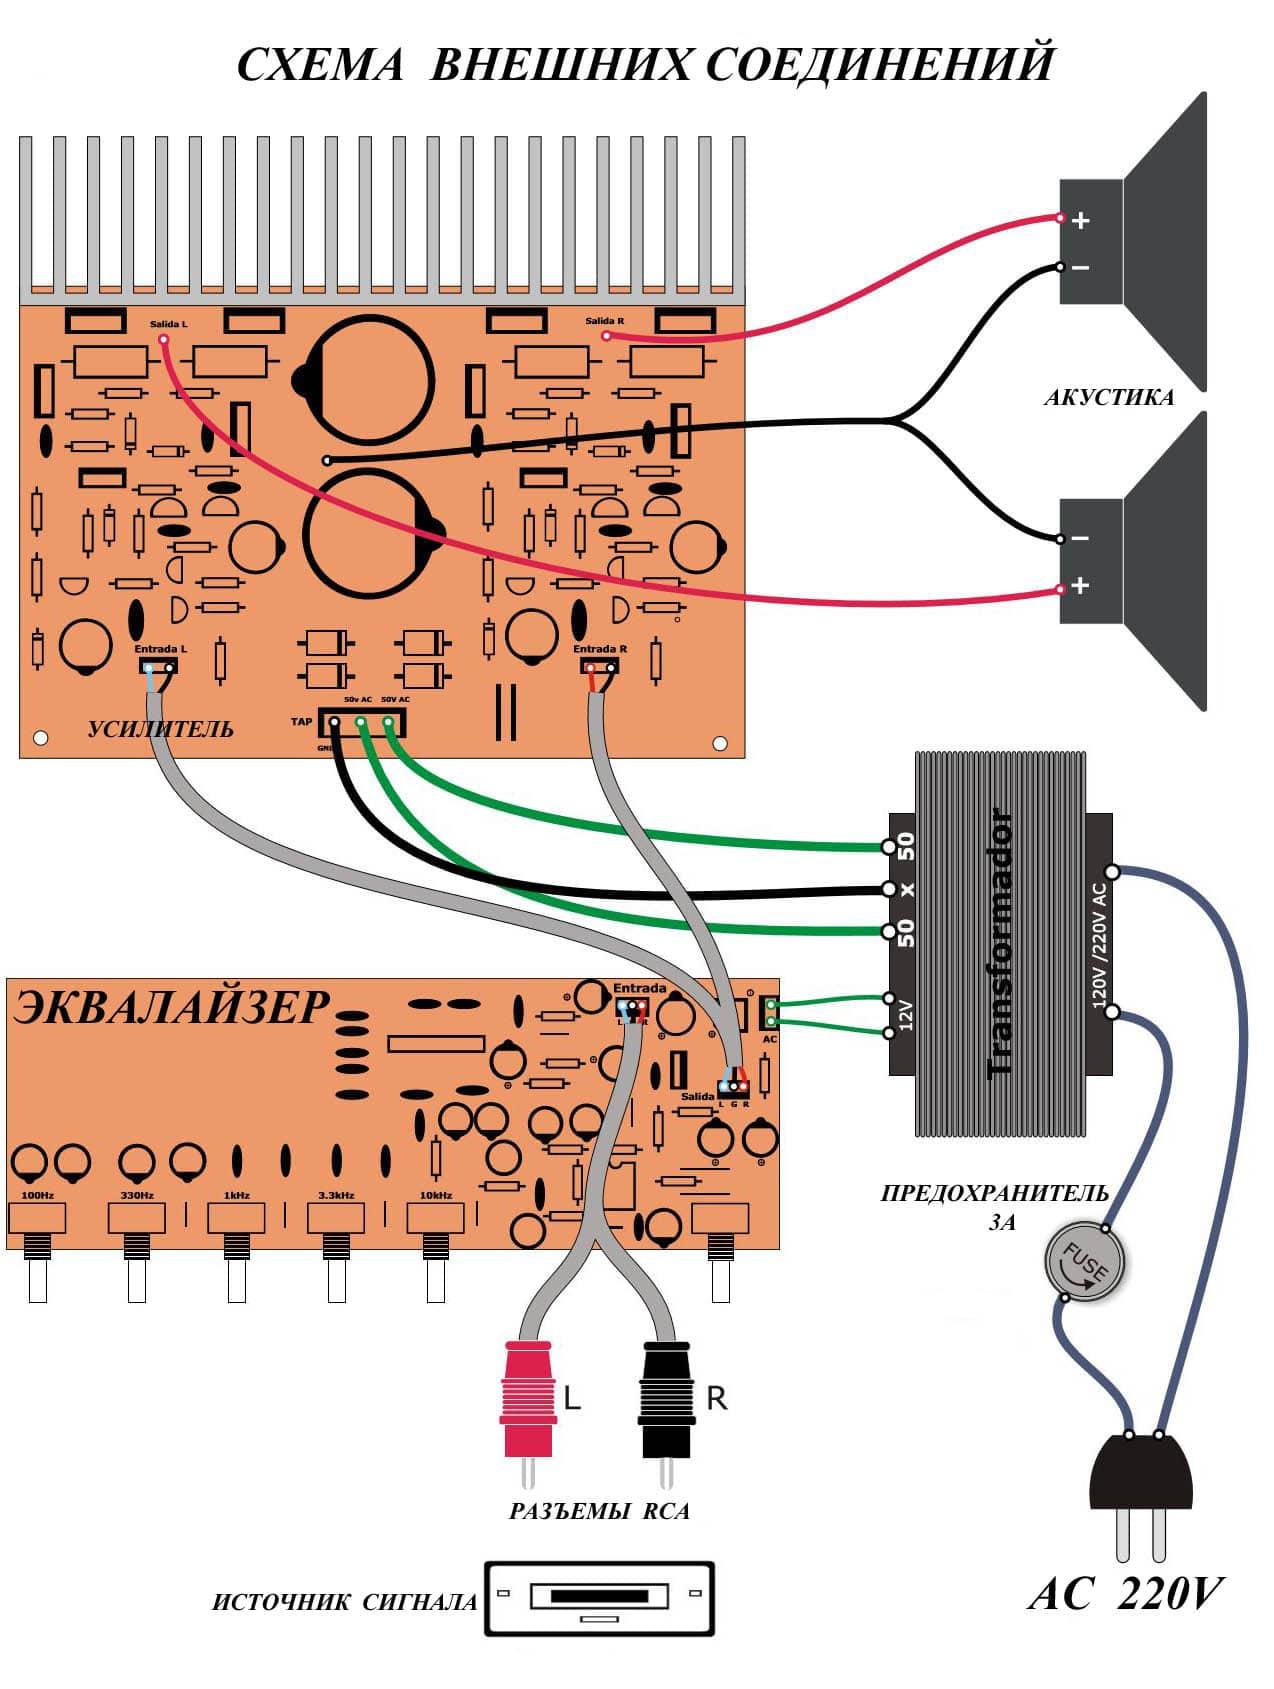 схема эквалайзера для унч на микросхеме